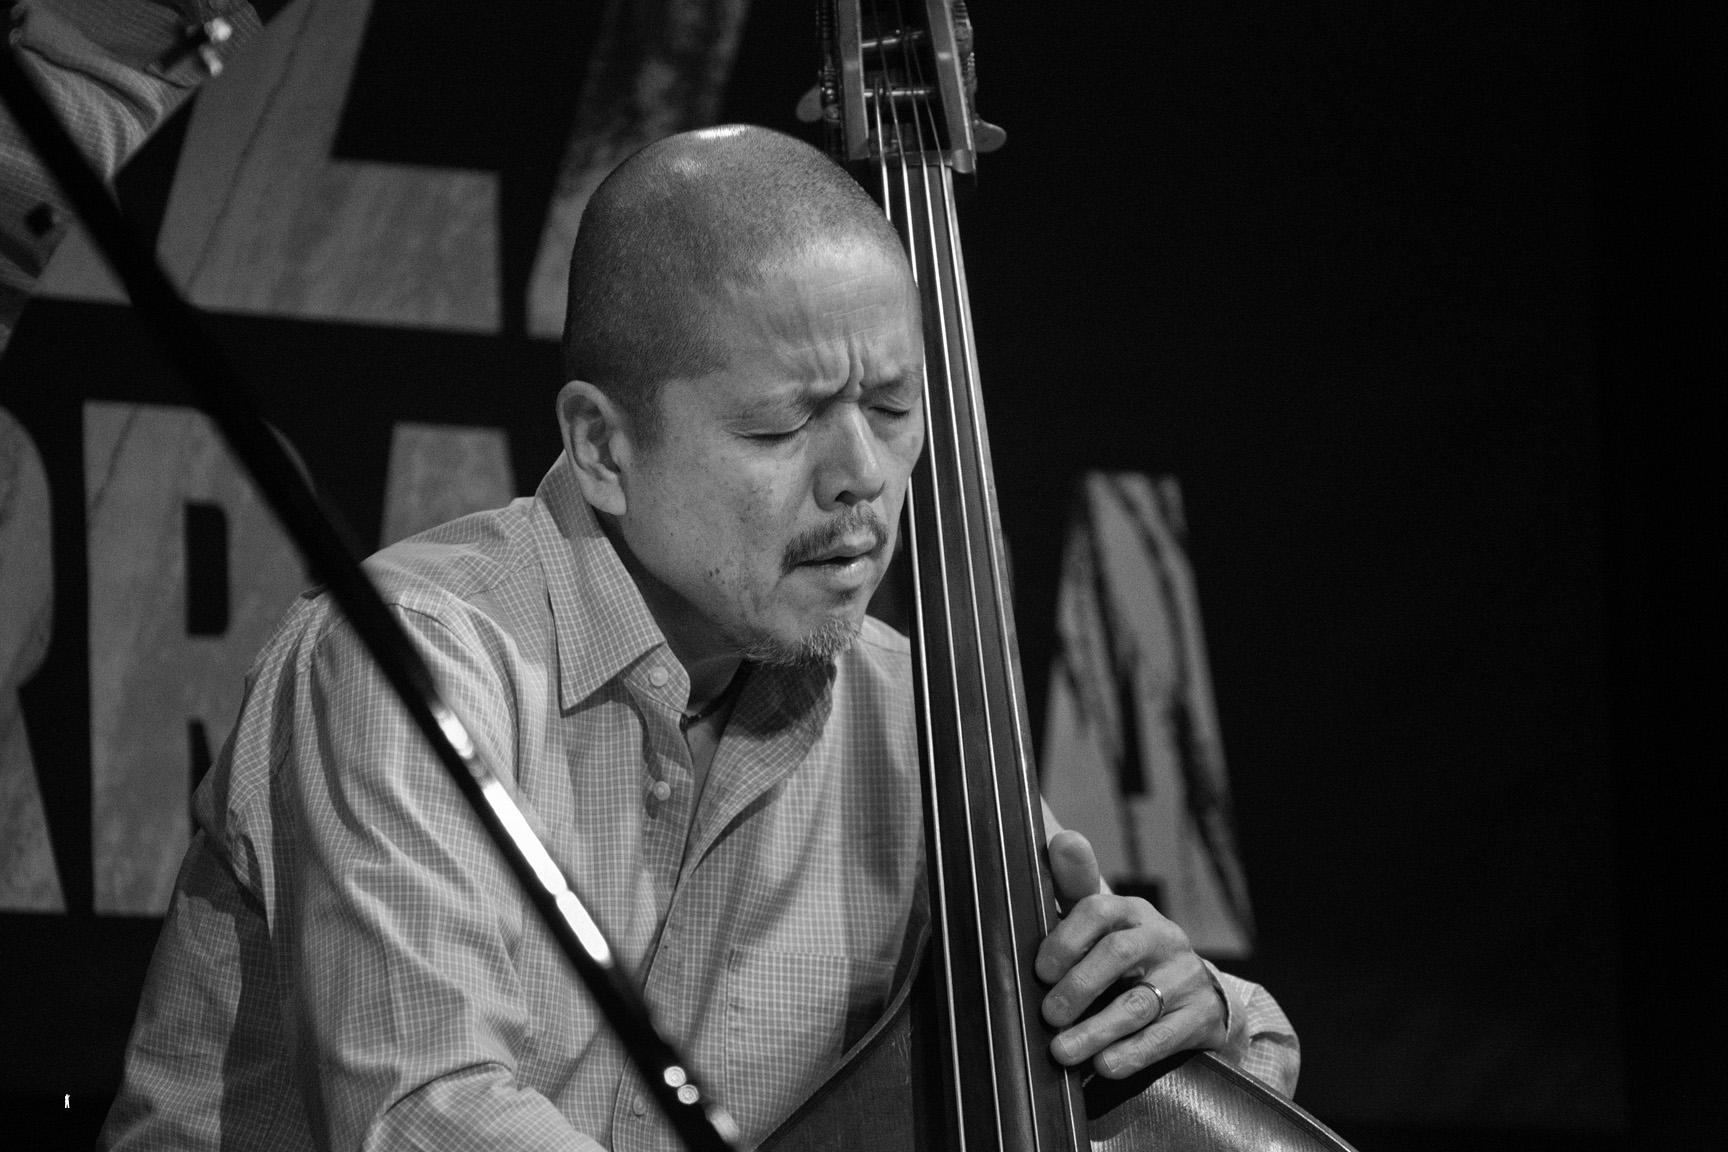 Kiyoshi Kitagawa